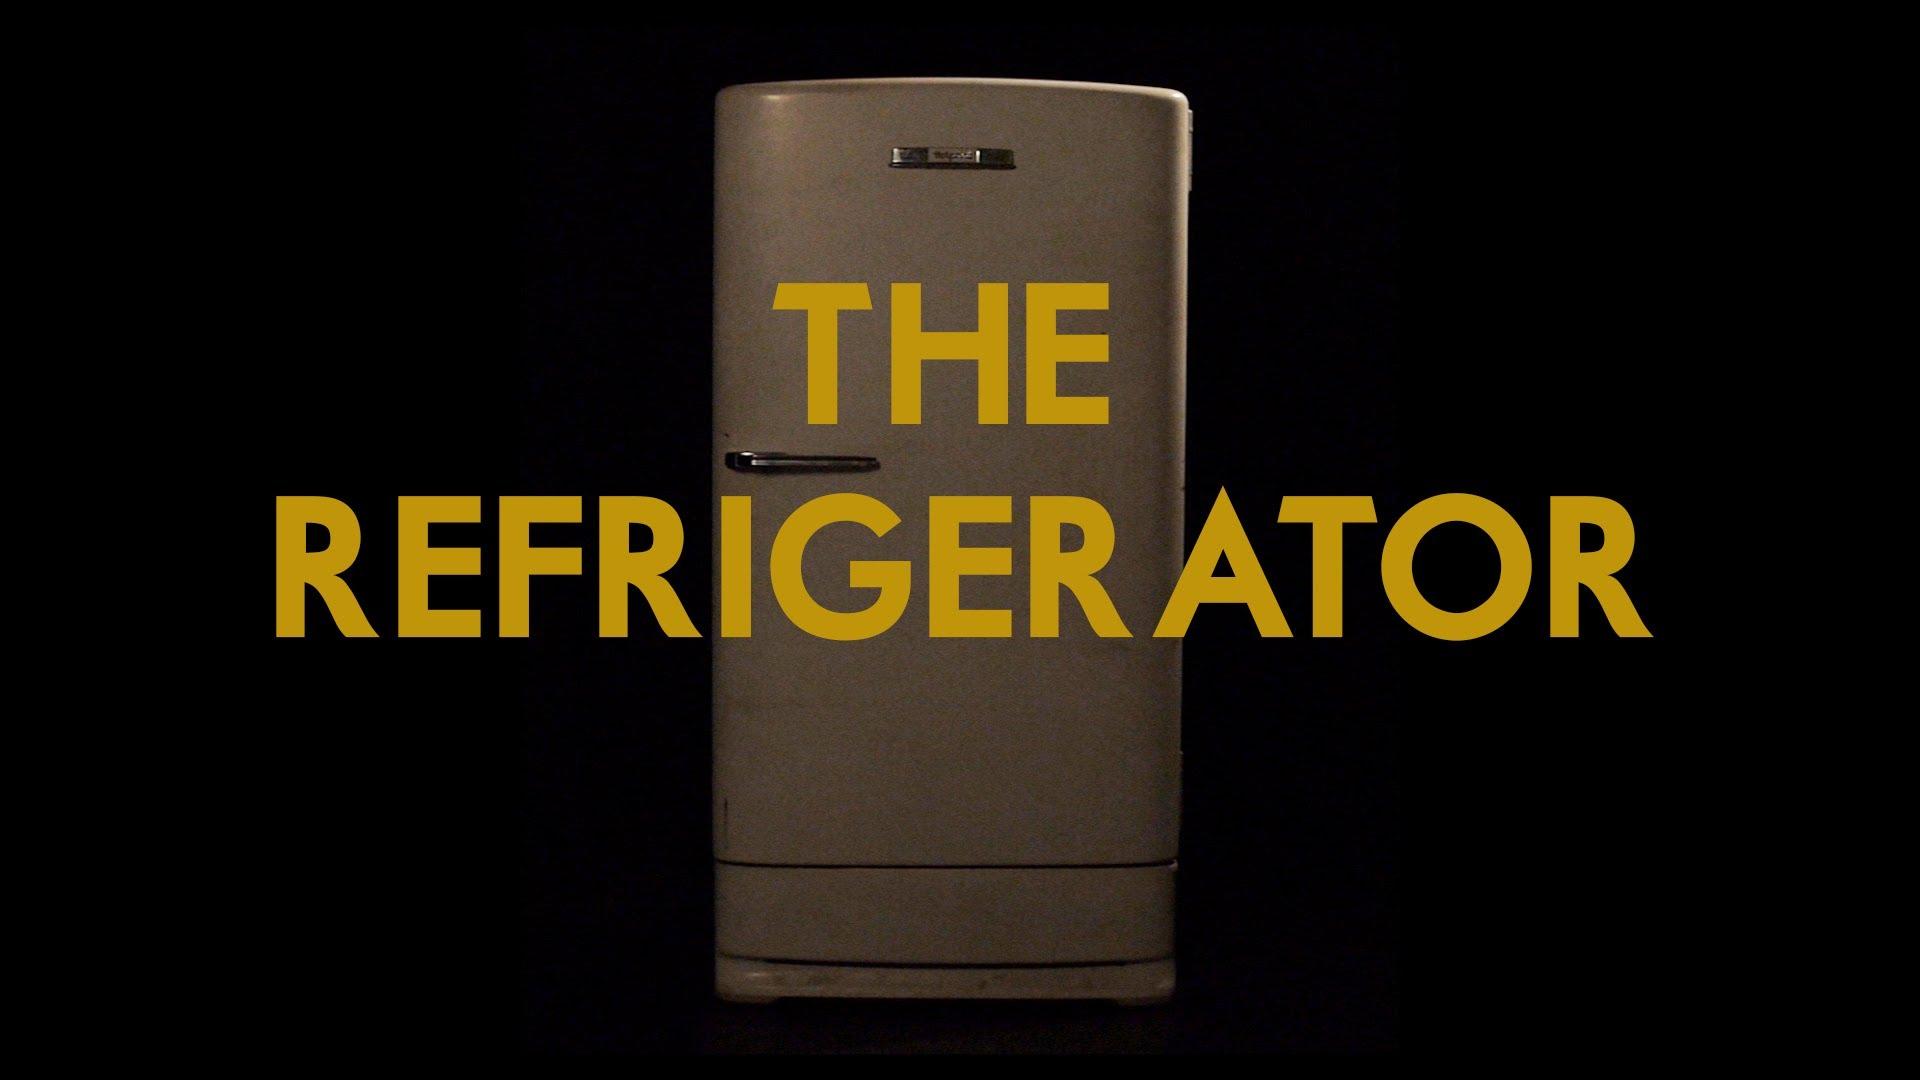 小心冰箱出賣了你